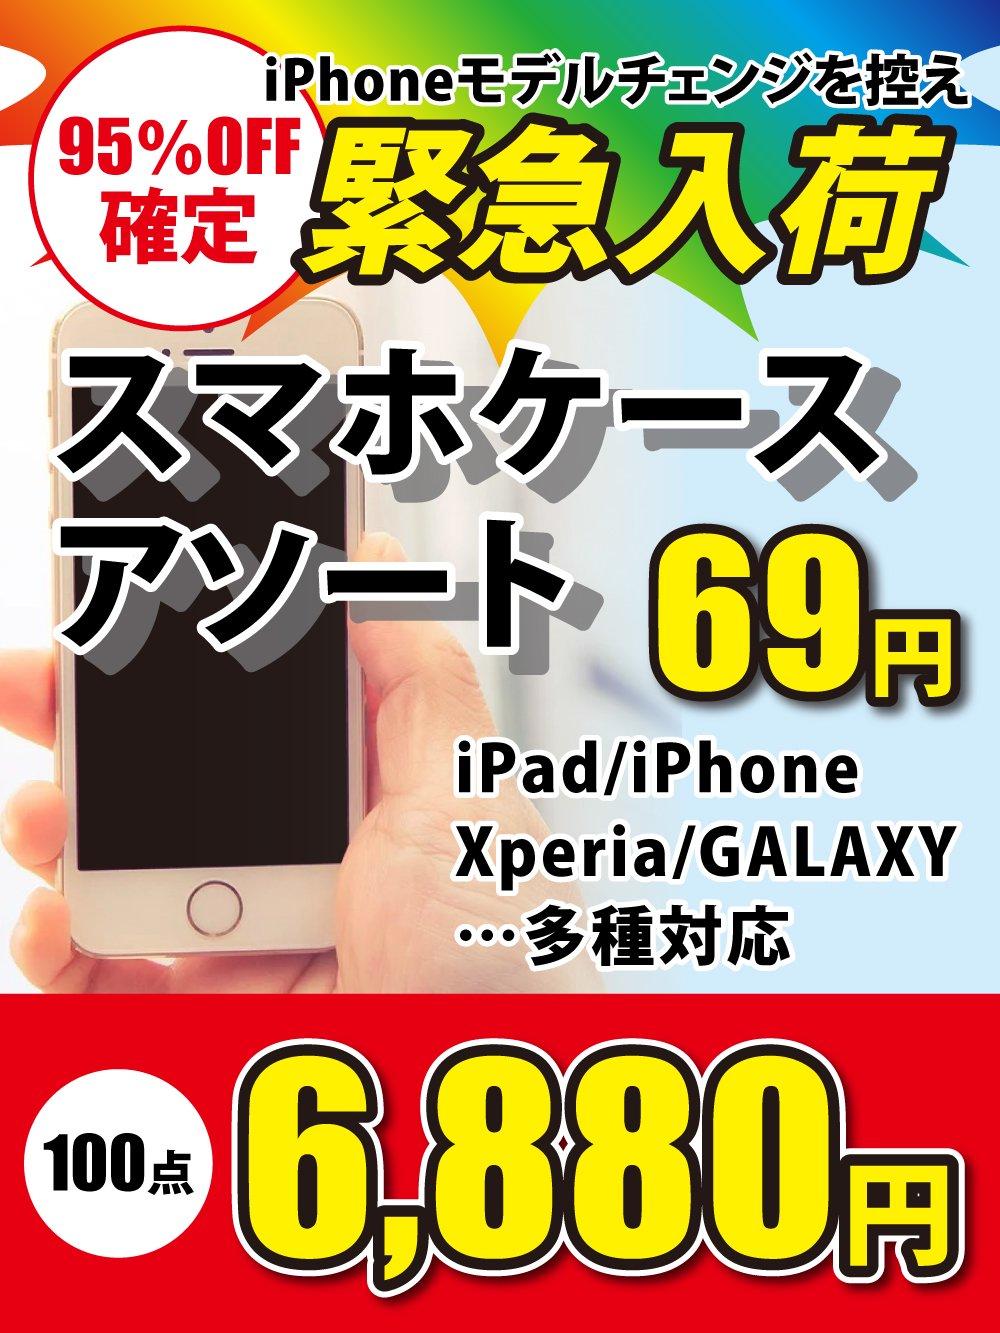 【上代90%OFF確定】スマホケース&ケーブルアソート iPad/iPhone/Xperia/GALAXY/…多種対応【100点】@69